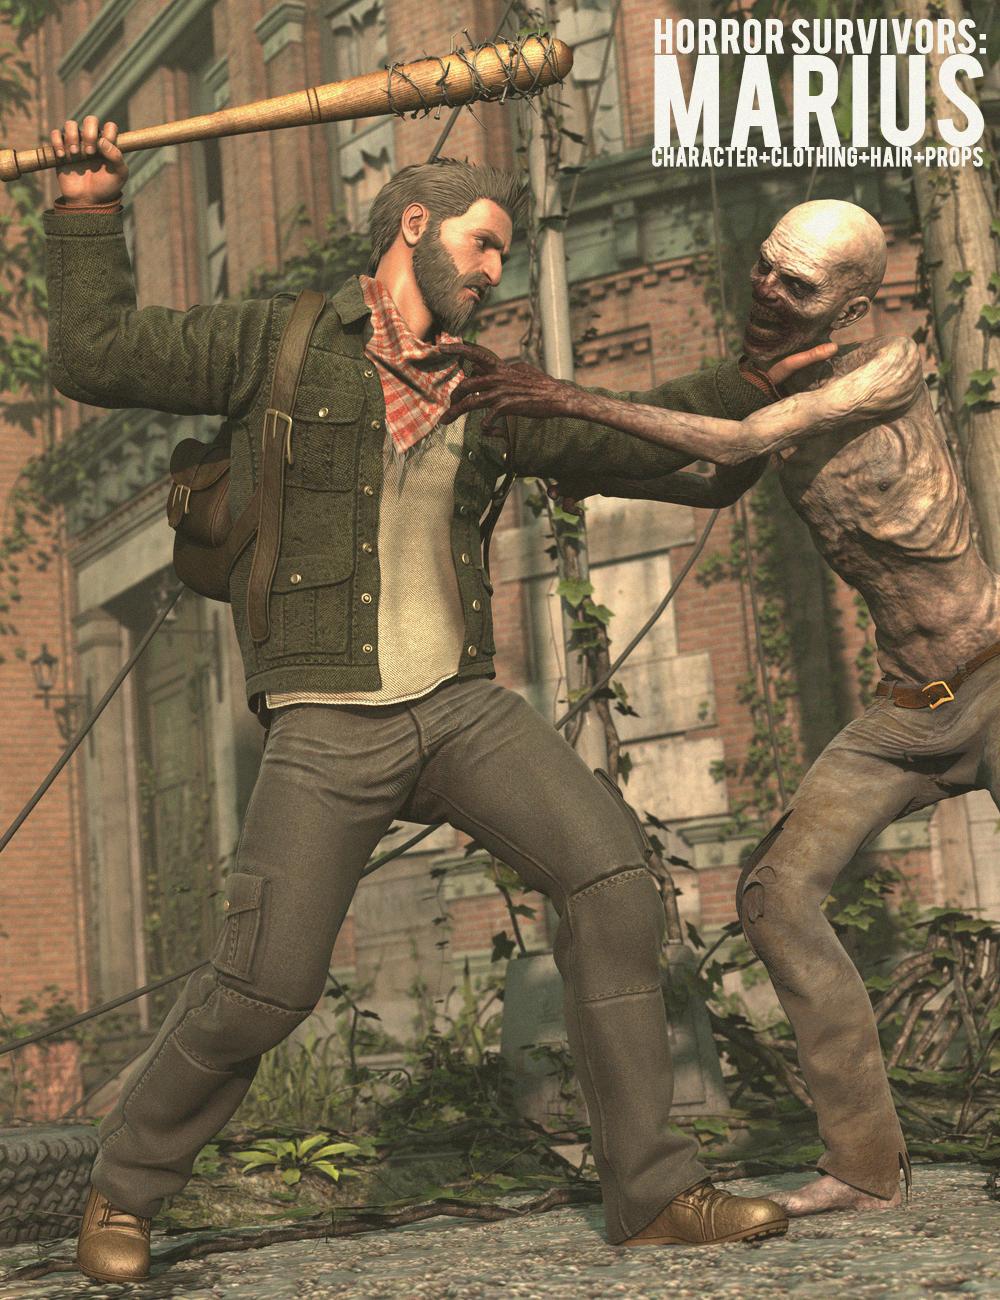 Horror Survivors: Marius by: Luthbel, 3D Models by Daz 3D